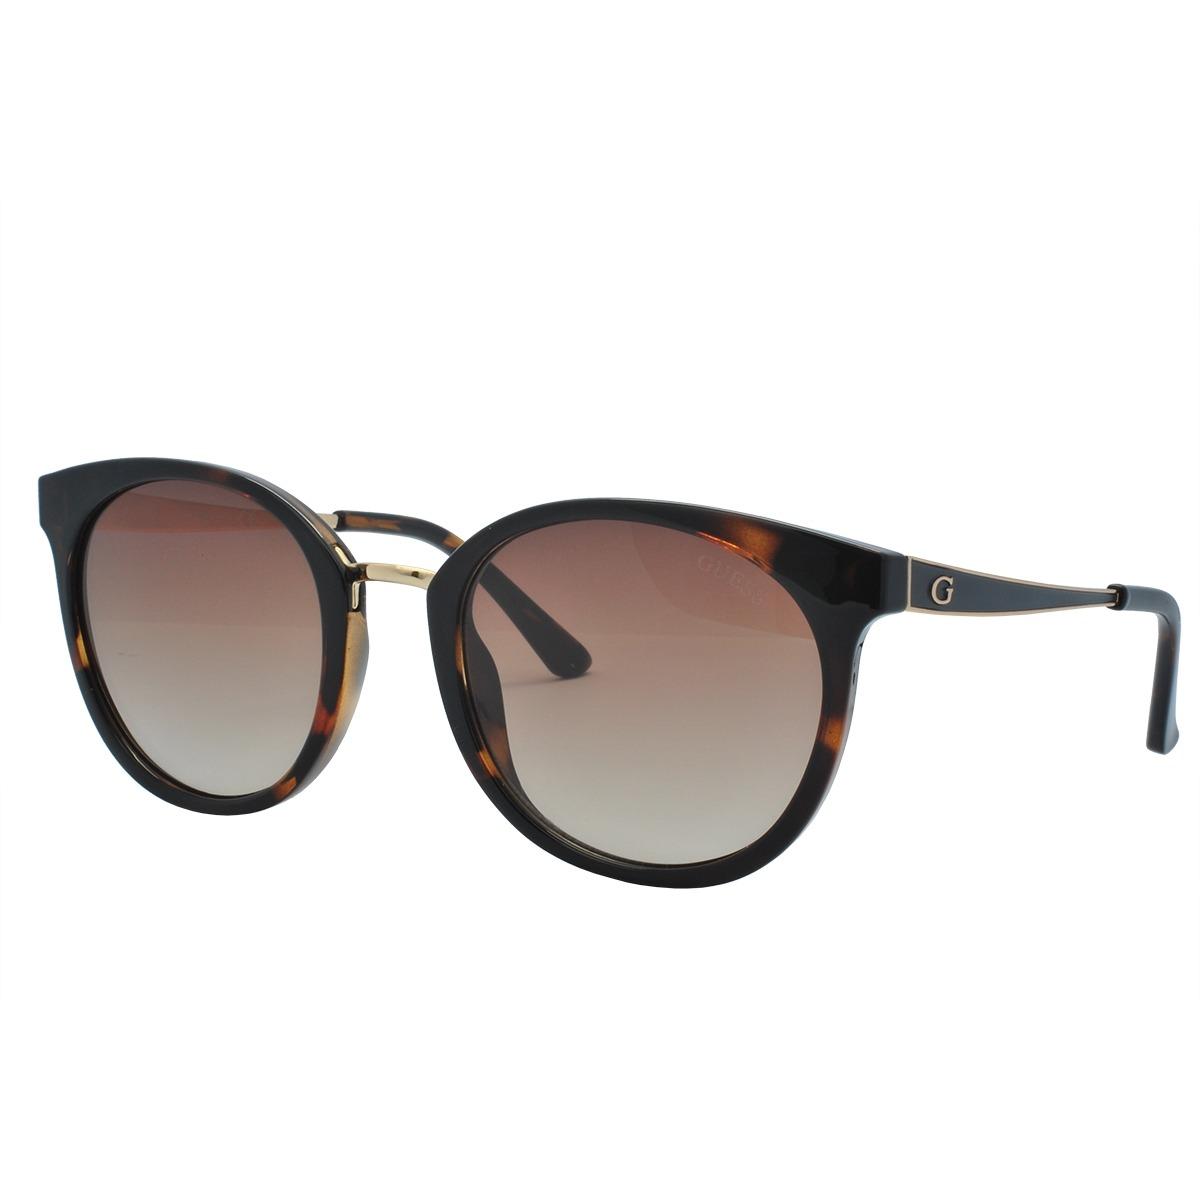 ba12b63912a96 Óculos De Sol Guess Original Feminino Gu7459 52f - R  362